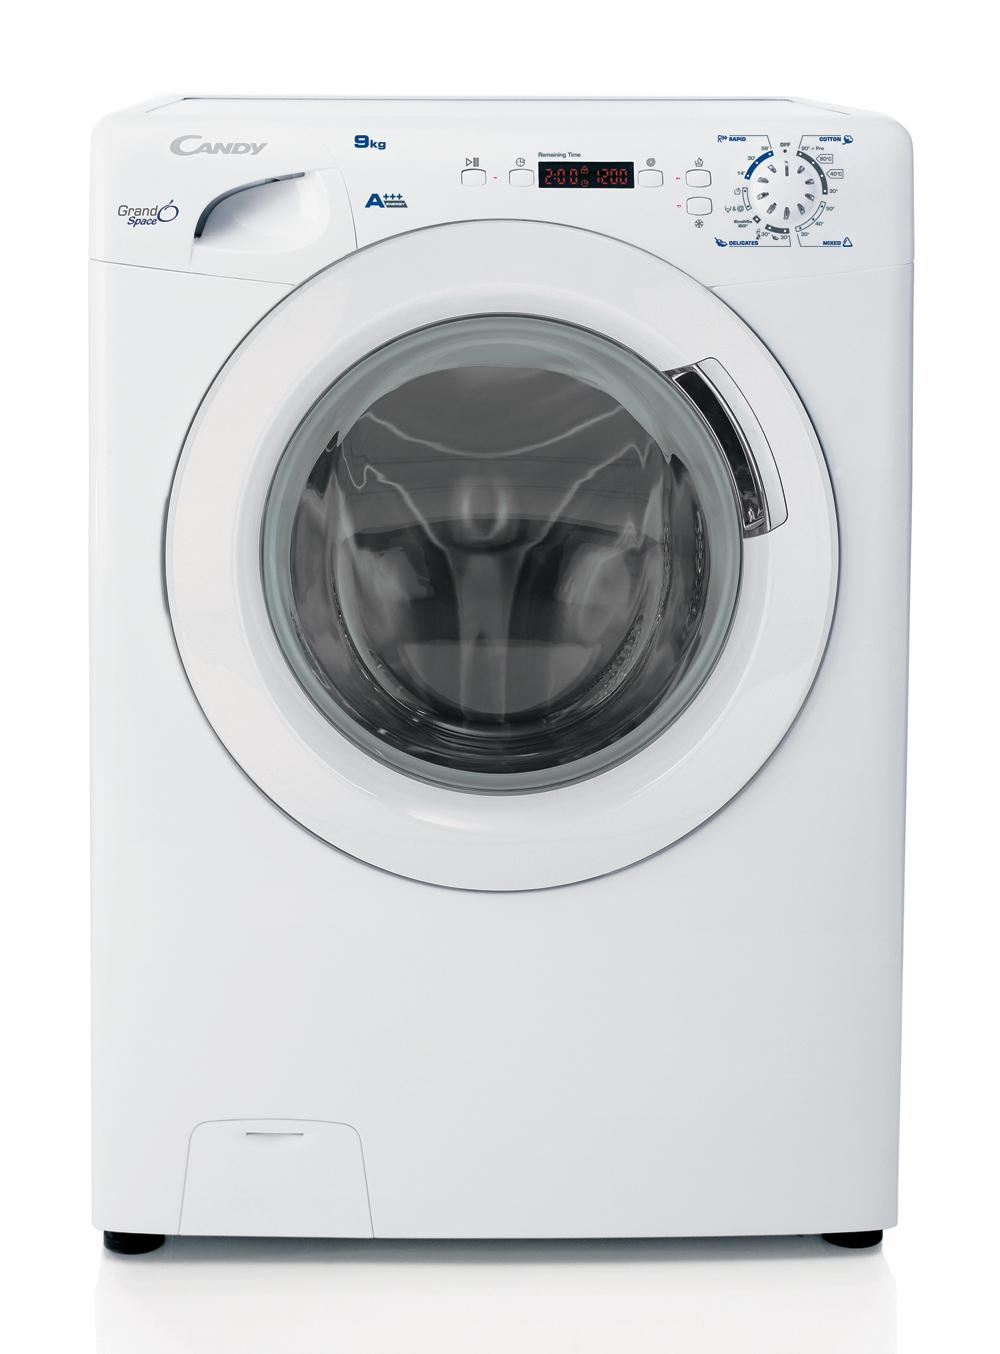 [Ebay-rotcom-Onlineshop] KNALLER - Candy GS 1192 9kg A+++ Waschmaschine für 219,90€ frei Haus!